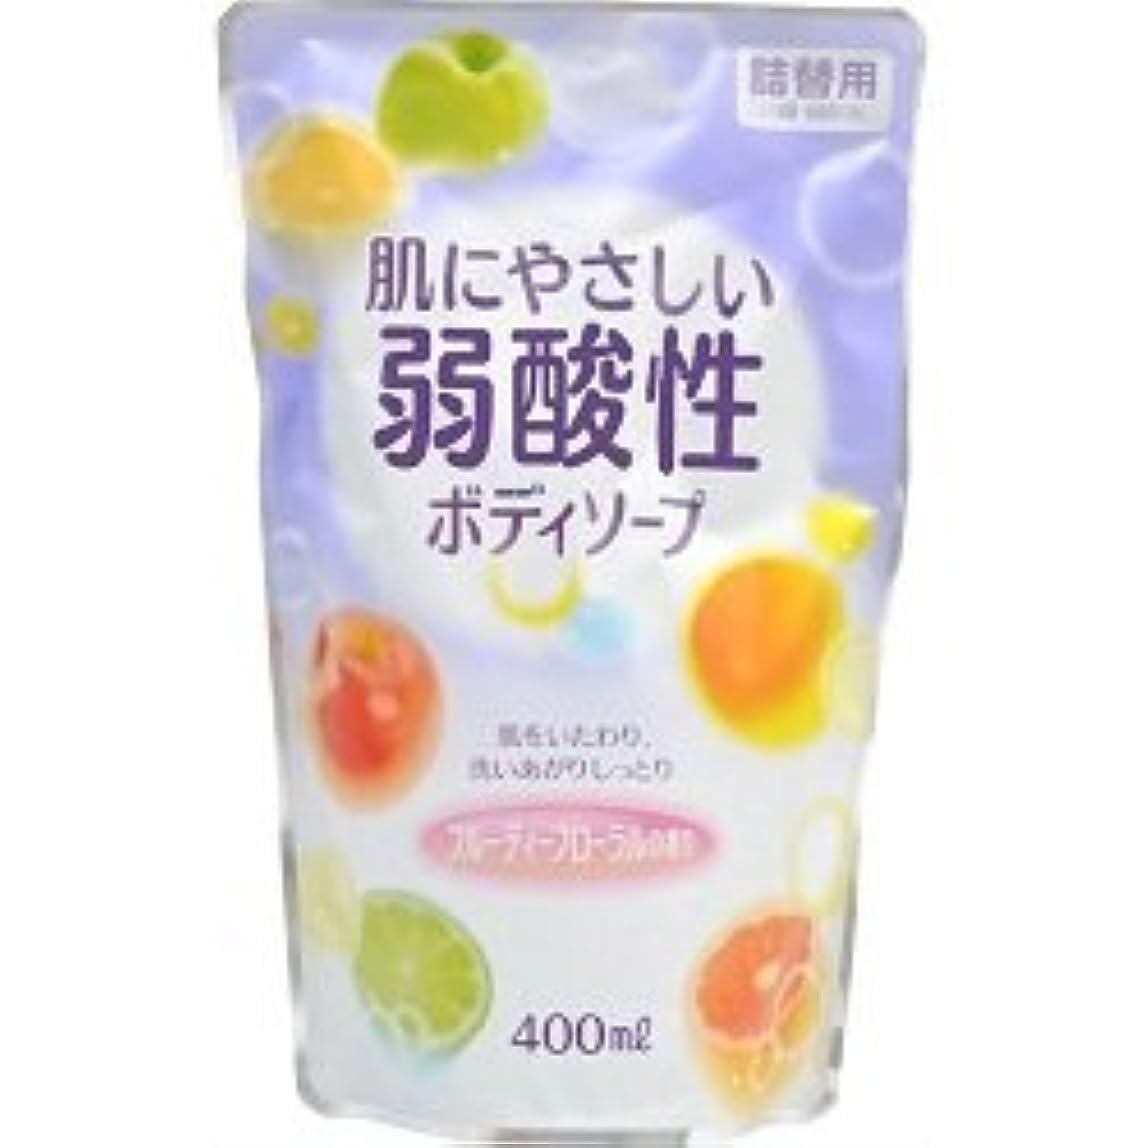 かかわらず知覚する合意【エオリア】弱酸性ボディソープ フルーティフローラルの香り 詰替用 400ml ×10個セット